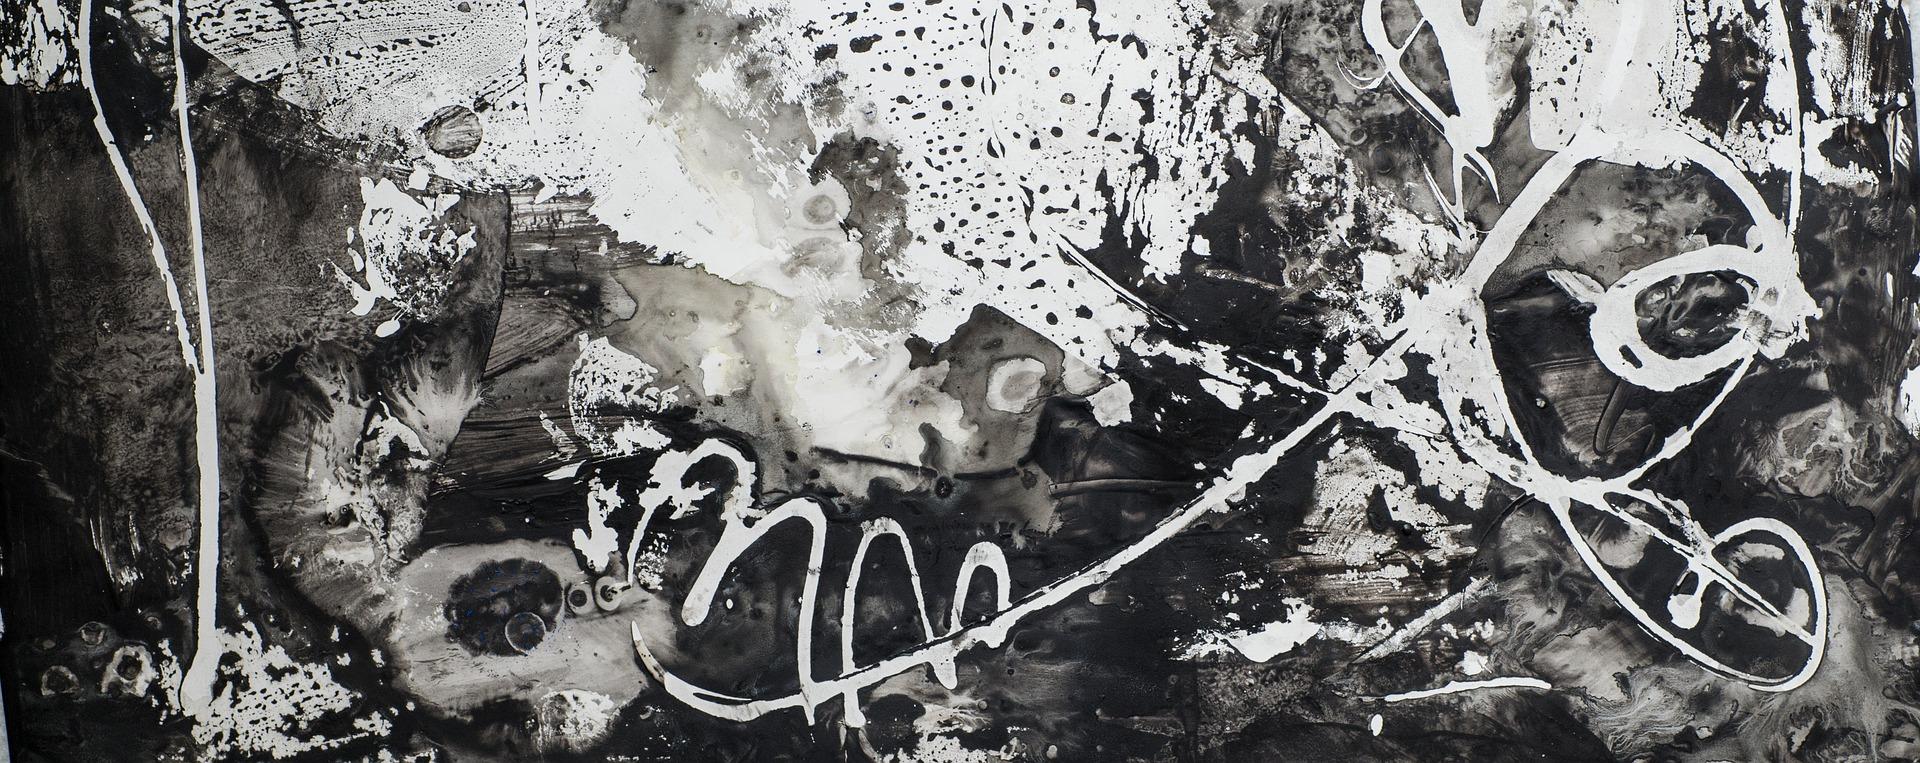 Nichilismo post-bellico e palingenesi nella lirica di Angel González